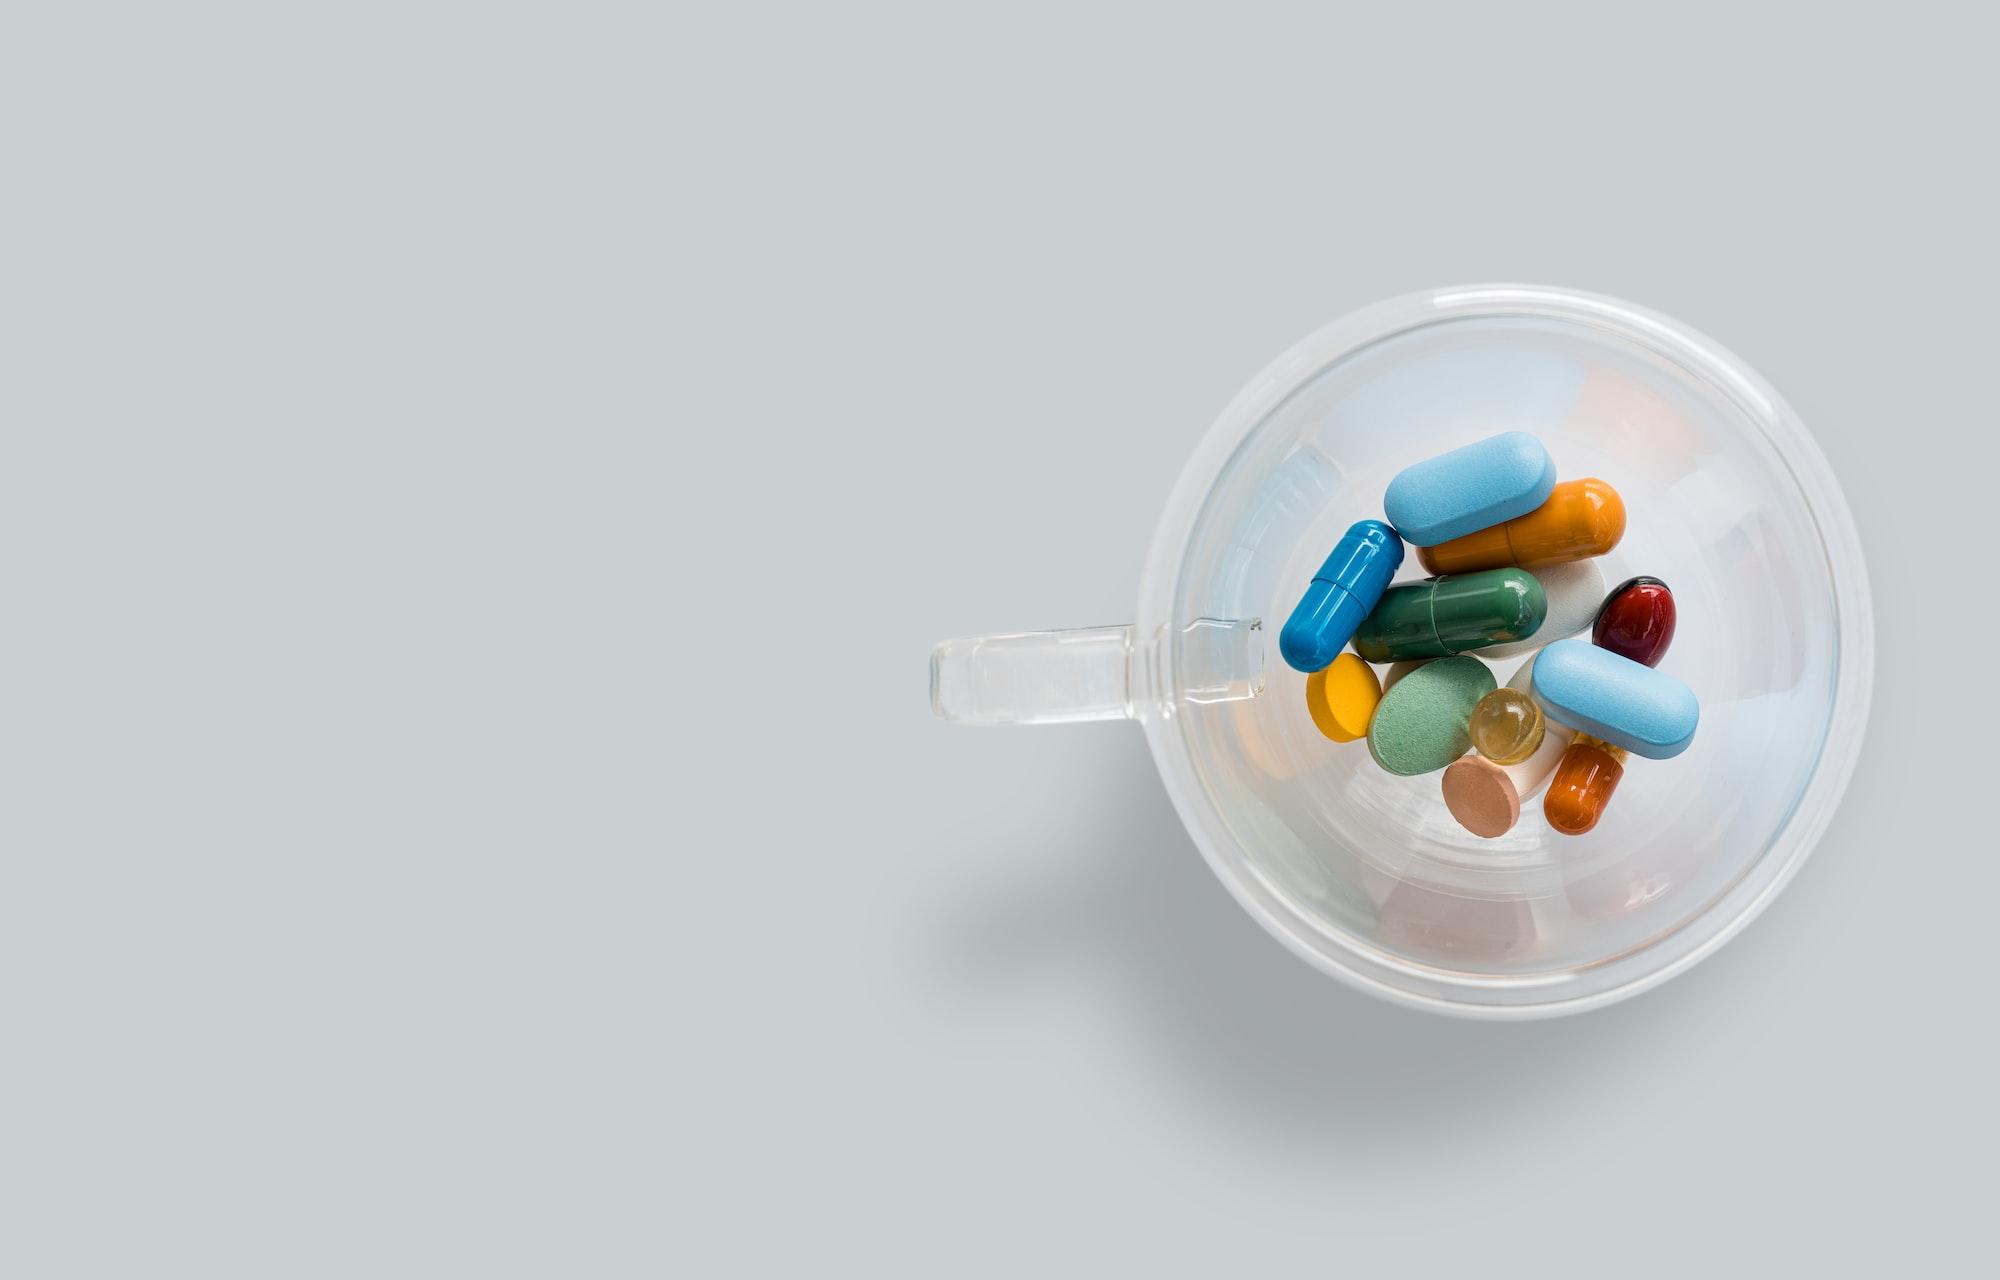 Interpelacja nr 25002 do ministra zdrowia w sprawie braku refundacji leku przeciwdepresyjnego Wellbutrin